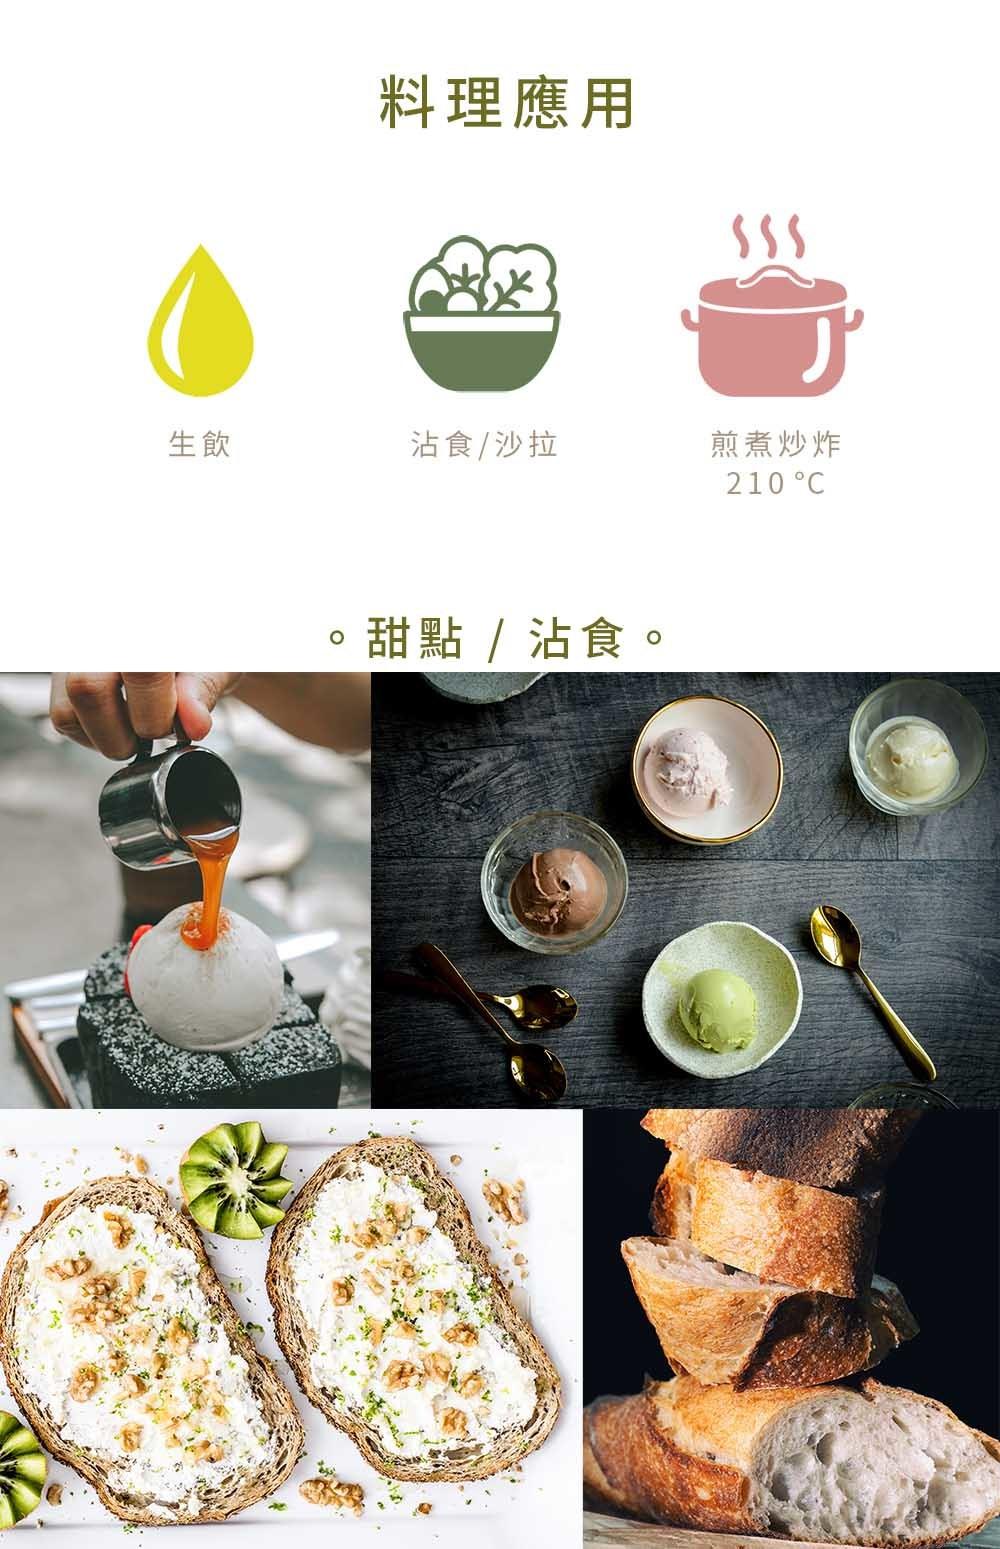 【維爾璐 Vieiru】西班牙特級初榨巧克力風味橄欖油 料理應用